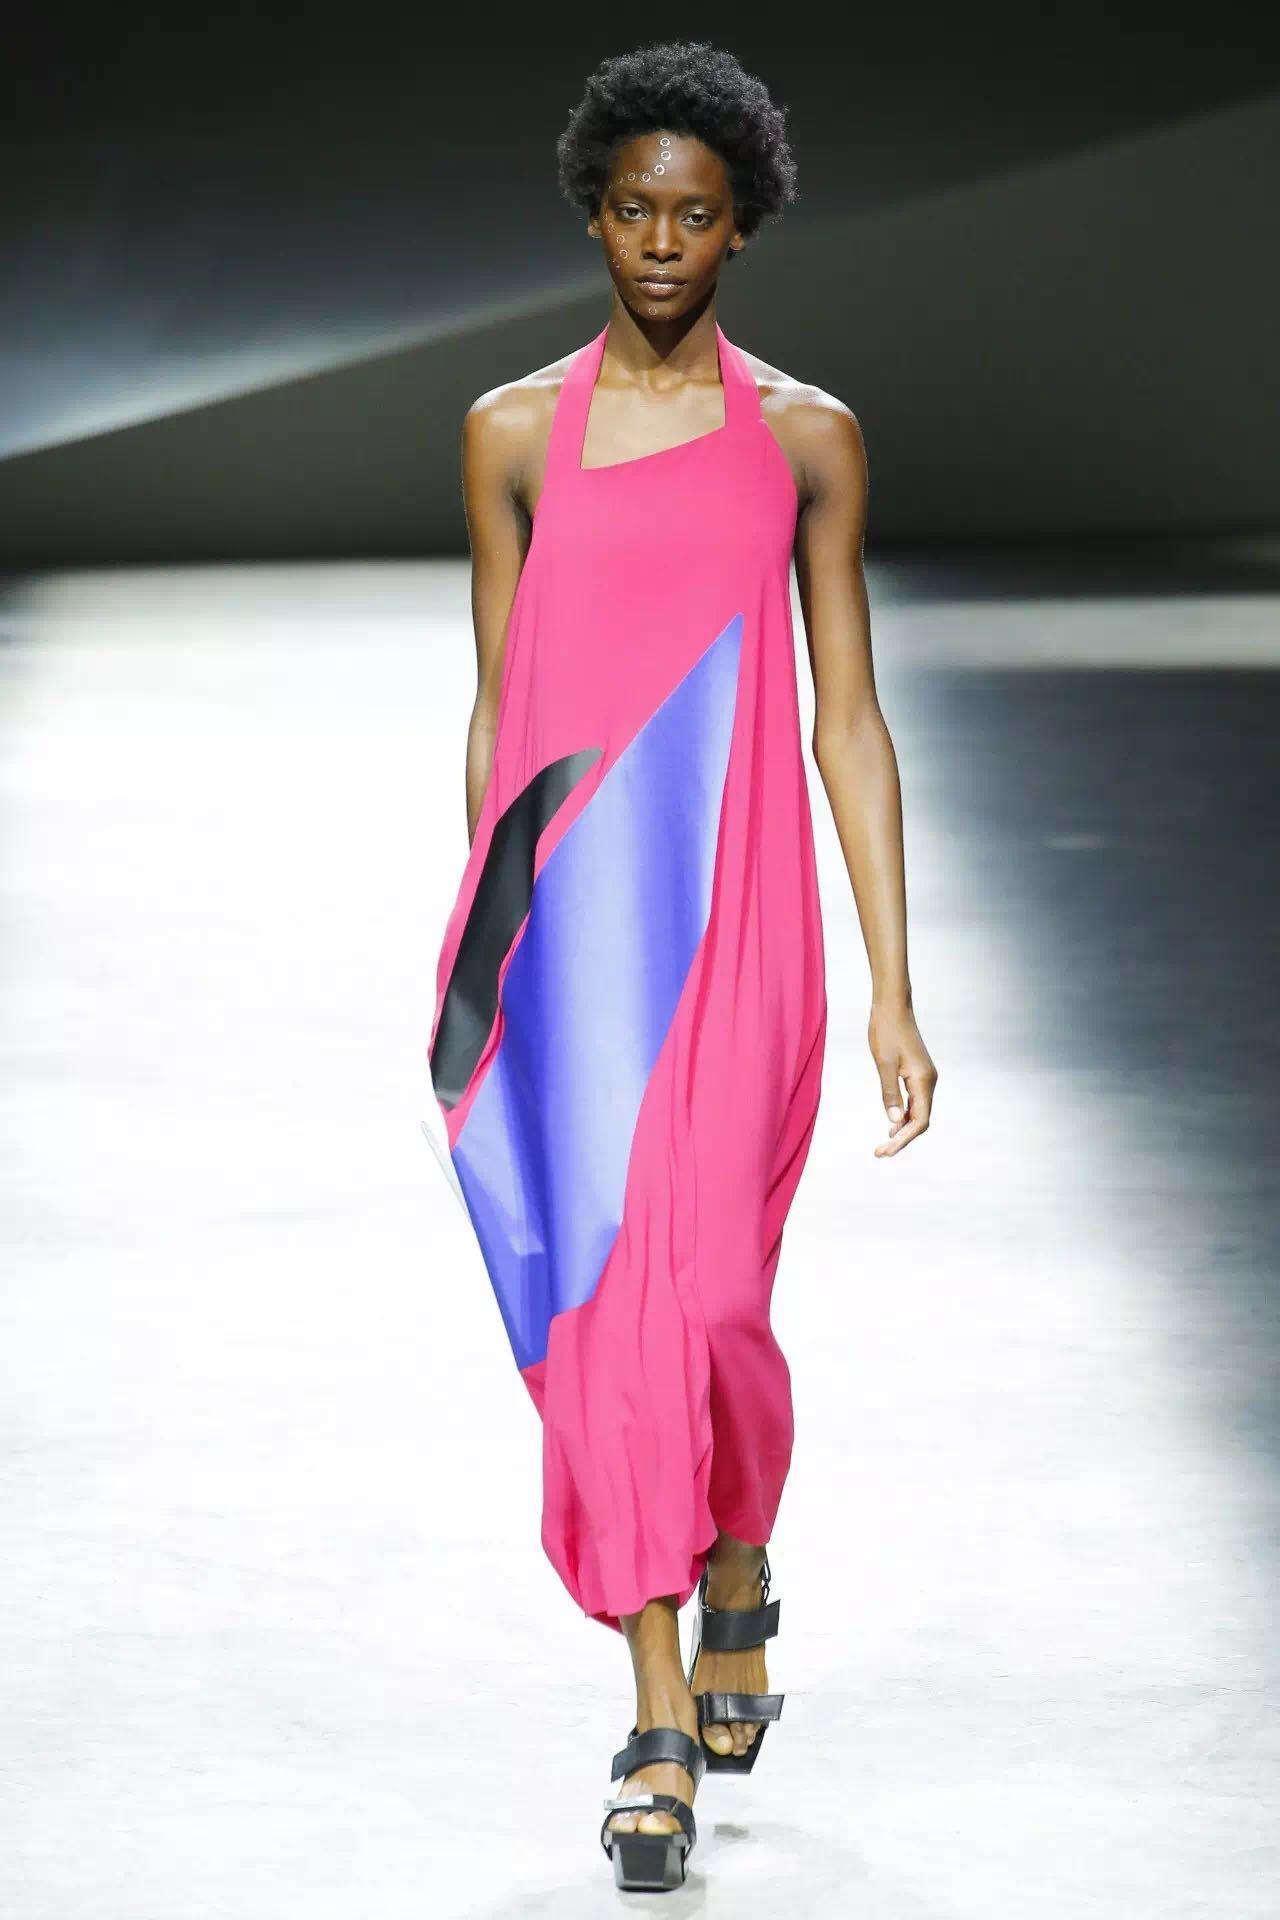 巴黎时装周上的新潮流是这些!为时尚先锋指点一二(图5)